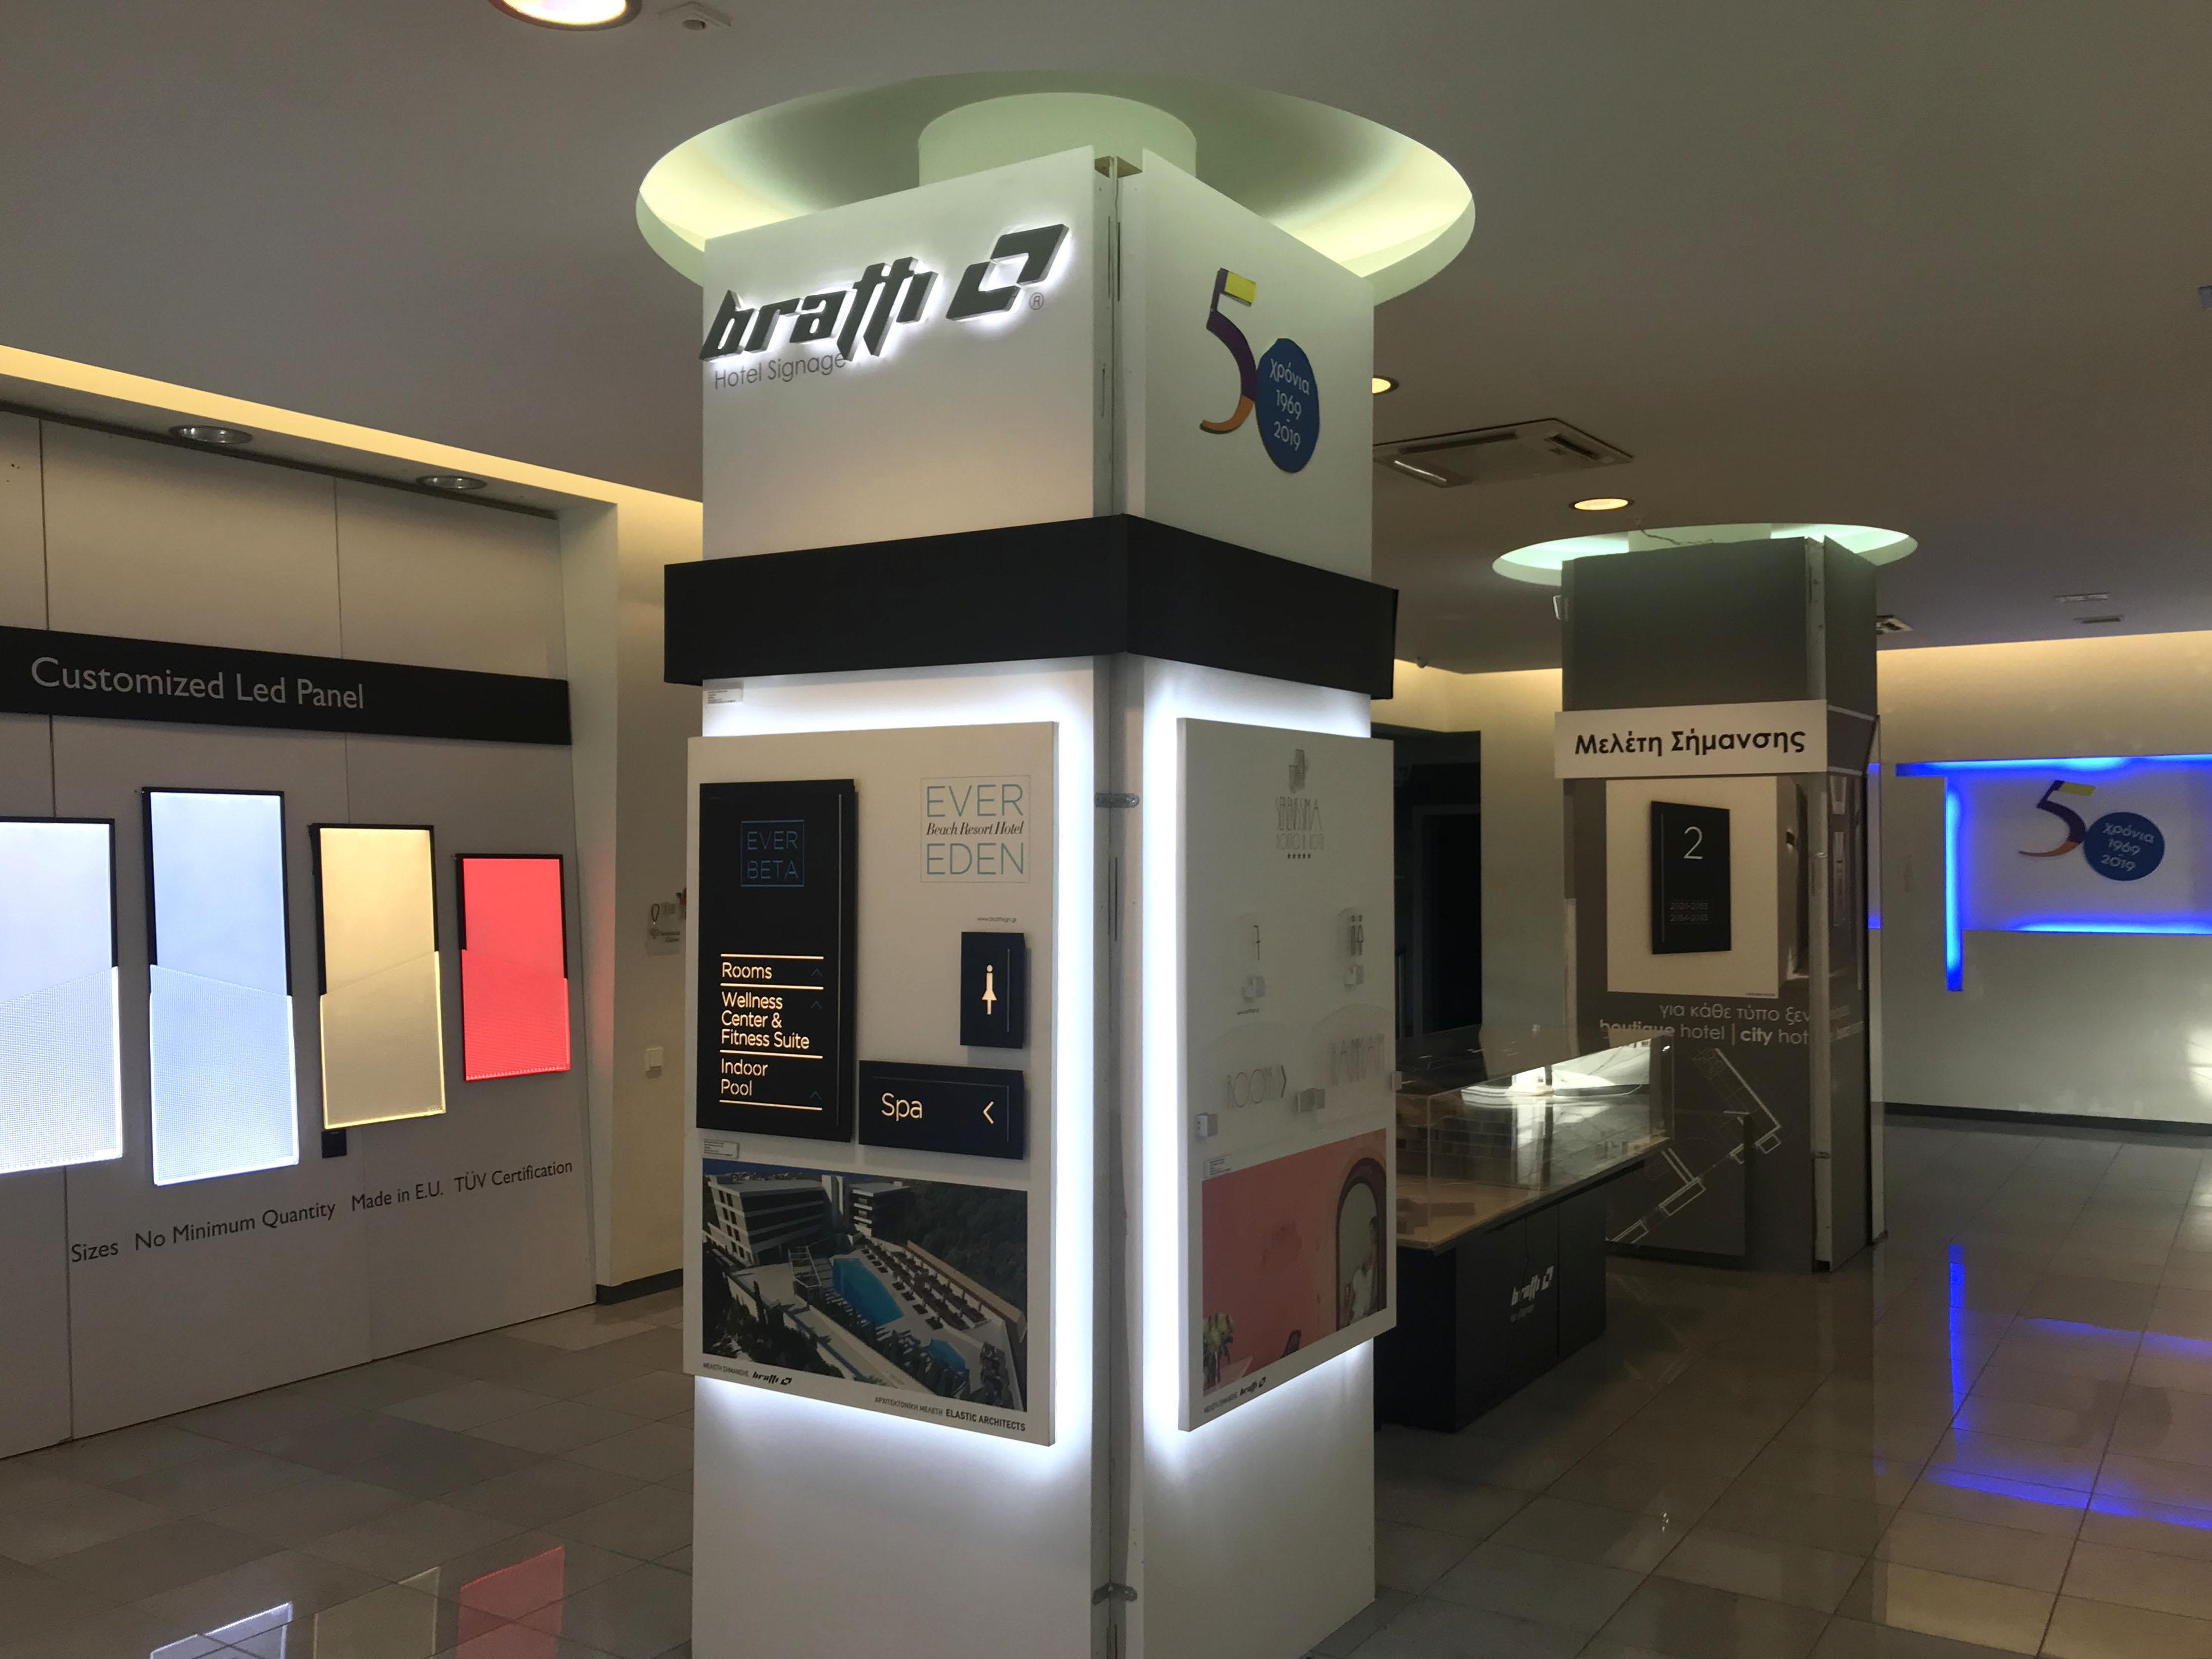 Οι νέες τάσεις στη μελέτη σήμανσης Ξενοδοχείων από τη Bratti Hotel Signage